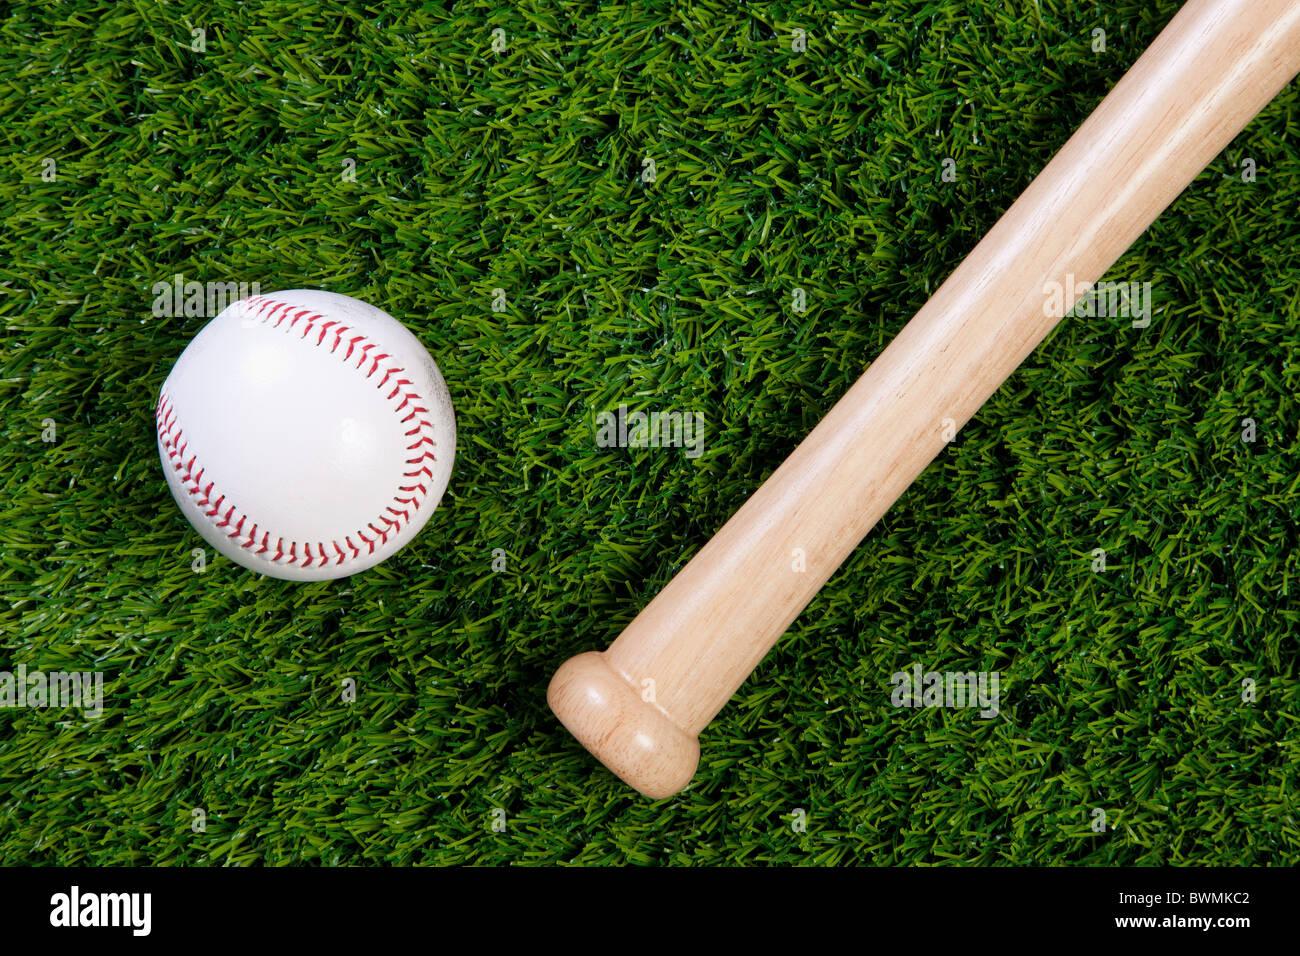 Foto di un baseball e botte bat sull'erba Immagini Stock